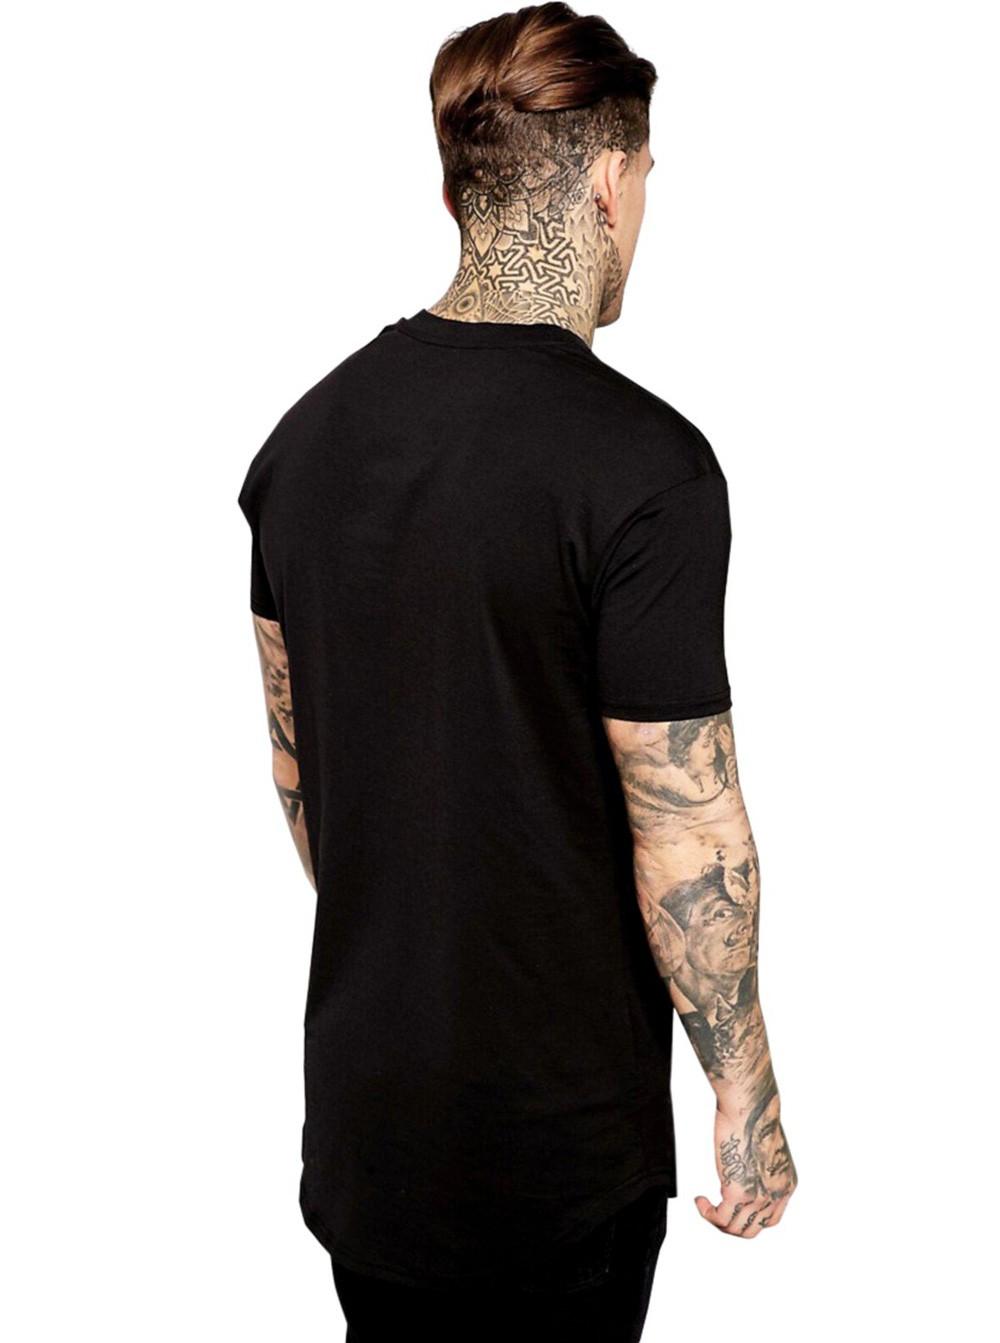 Camiseta Masculina Oversized Long Line Religiosa São Jorge ER_121